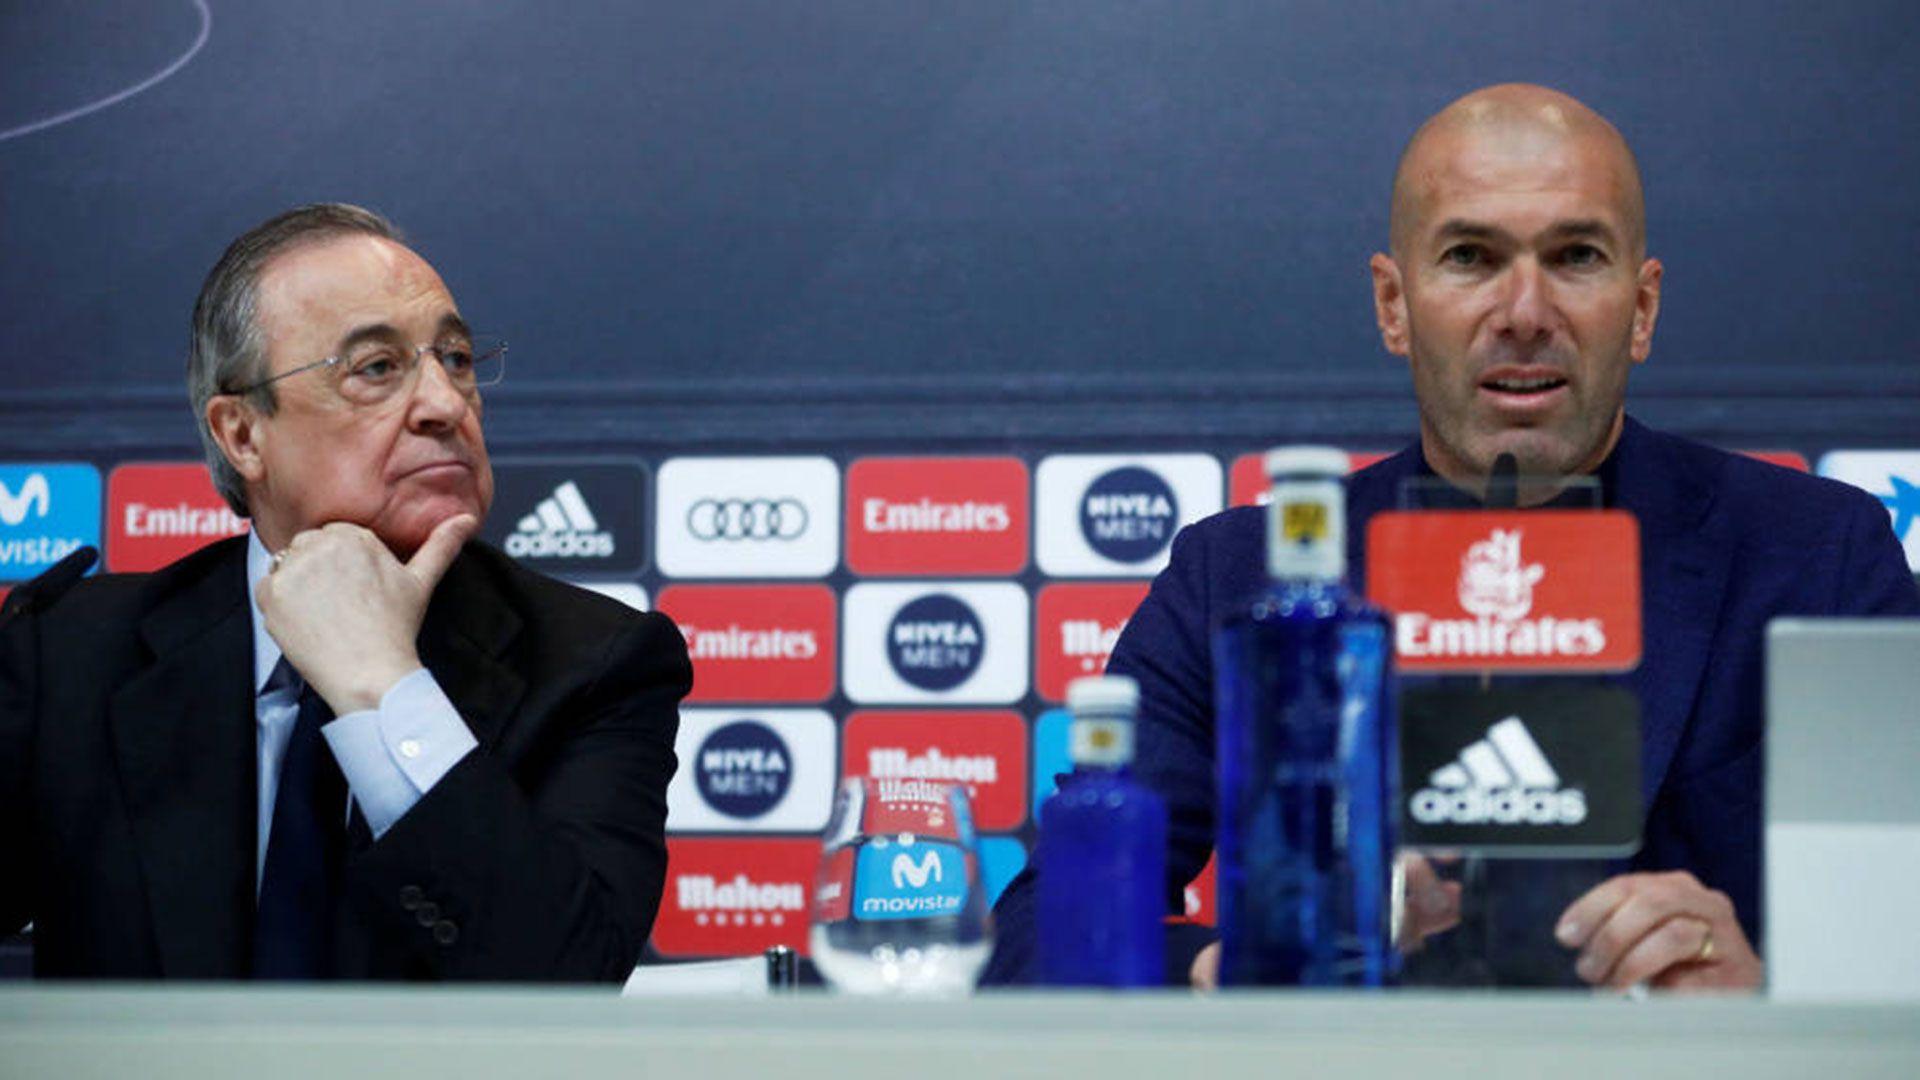 Zidane abandonó el Real Madrid tras una temporada sin títulos (Reuters)